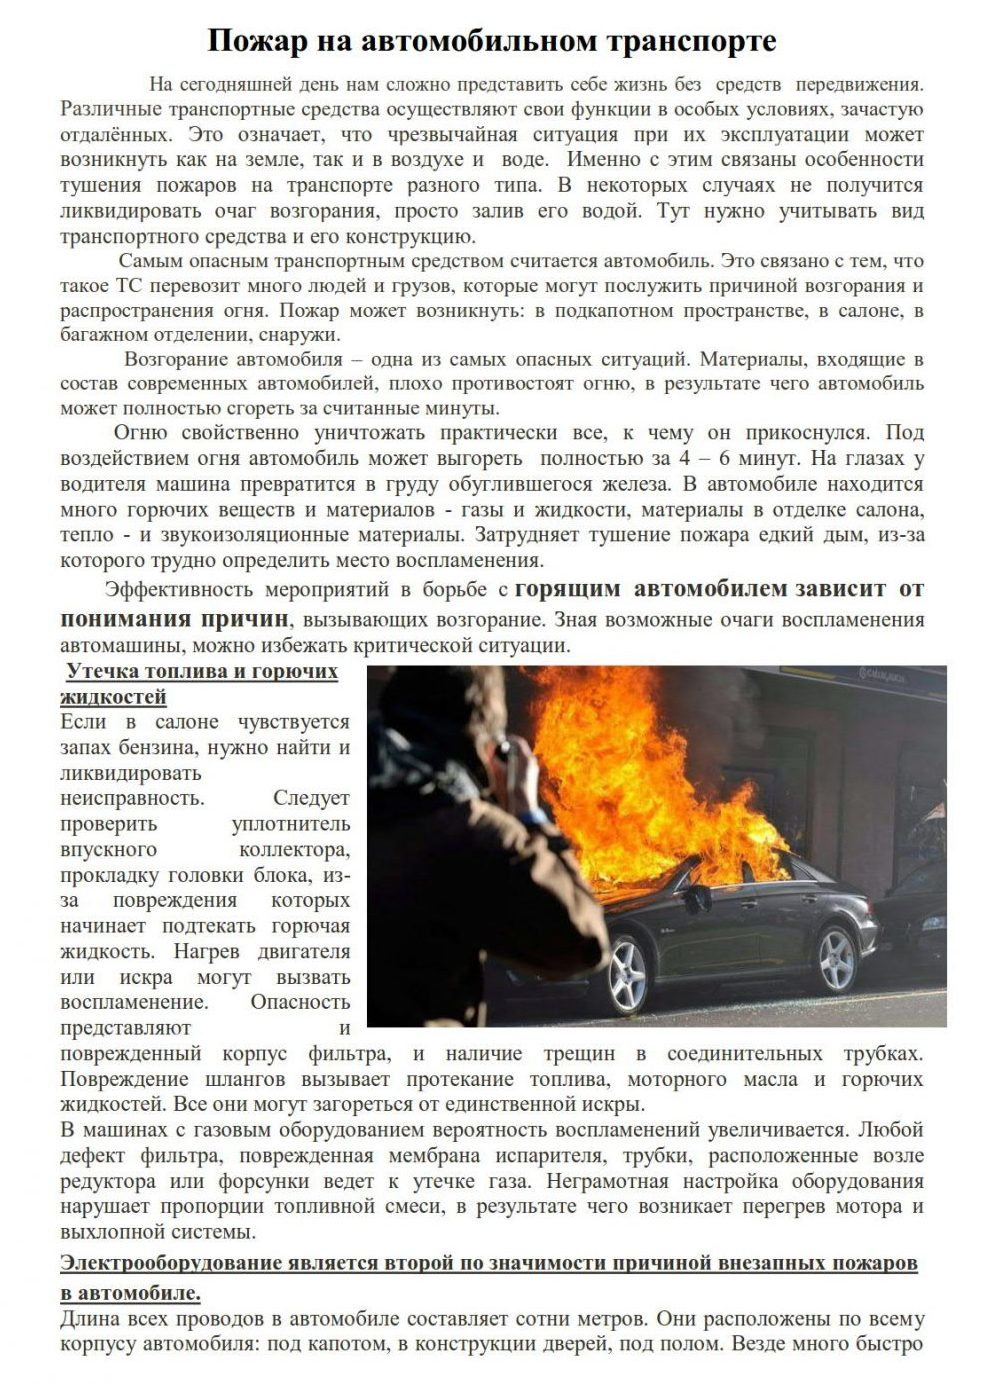 Статья Горение автотранспорта_1